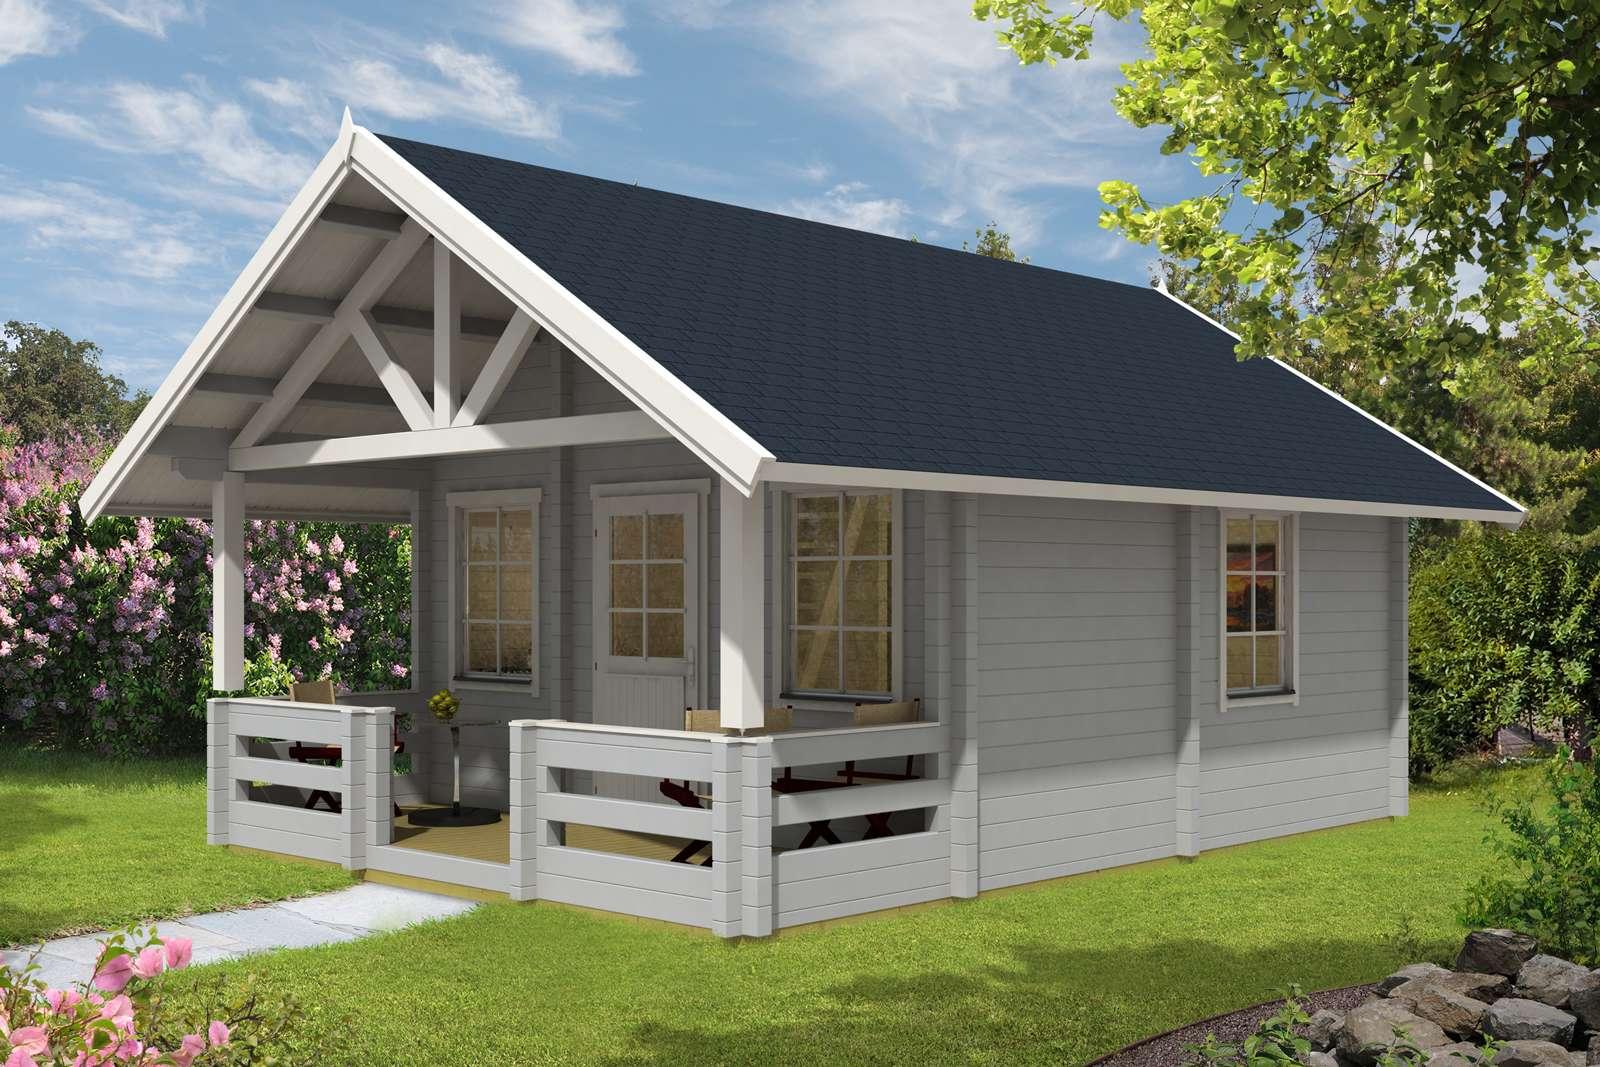 blockhaus wohnen best ferienhaus im winter with blockhaus wohnen best im blockhaus wohnen with. Black Bedroom Furniture Sets. Home Design Ideas